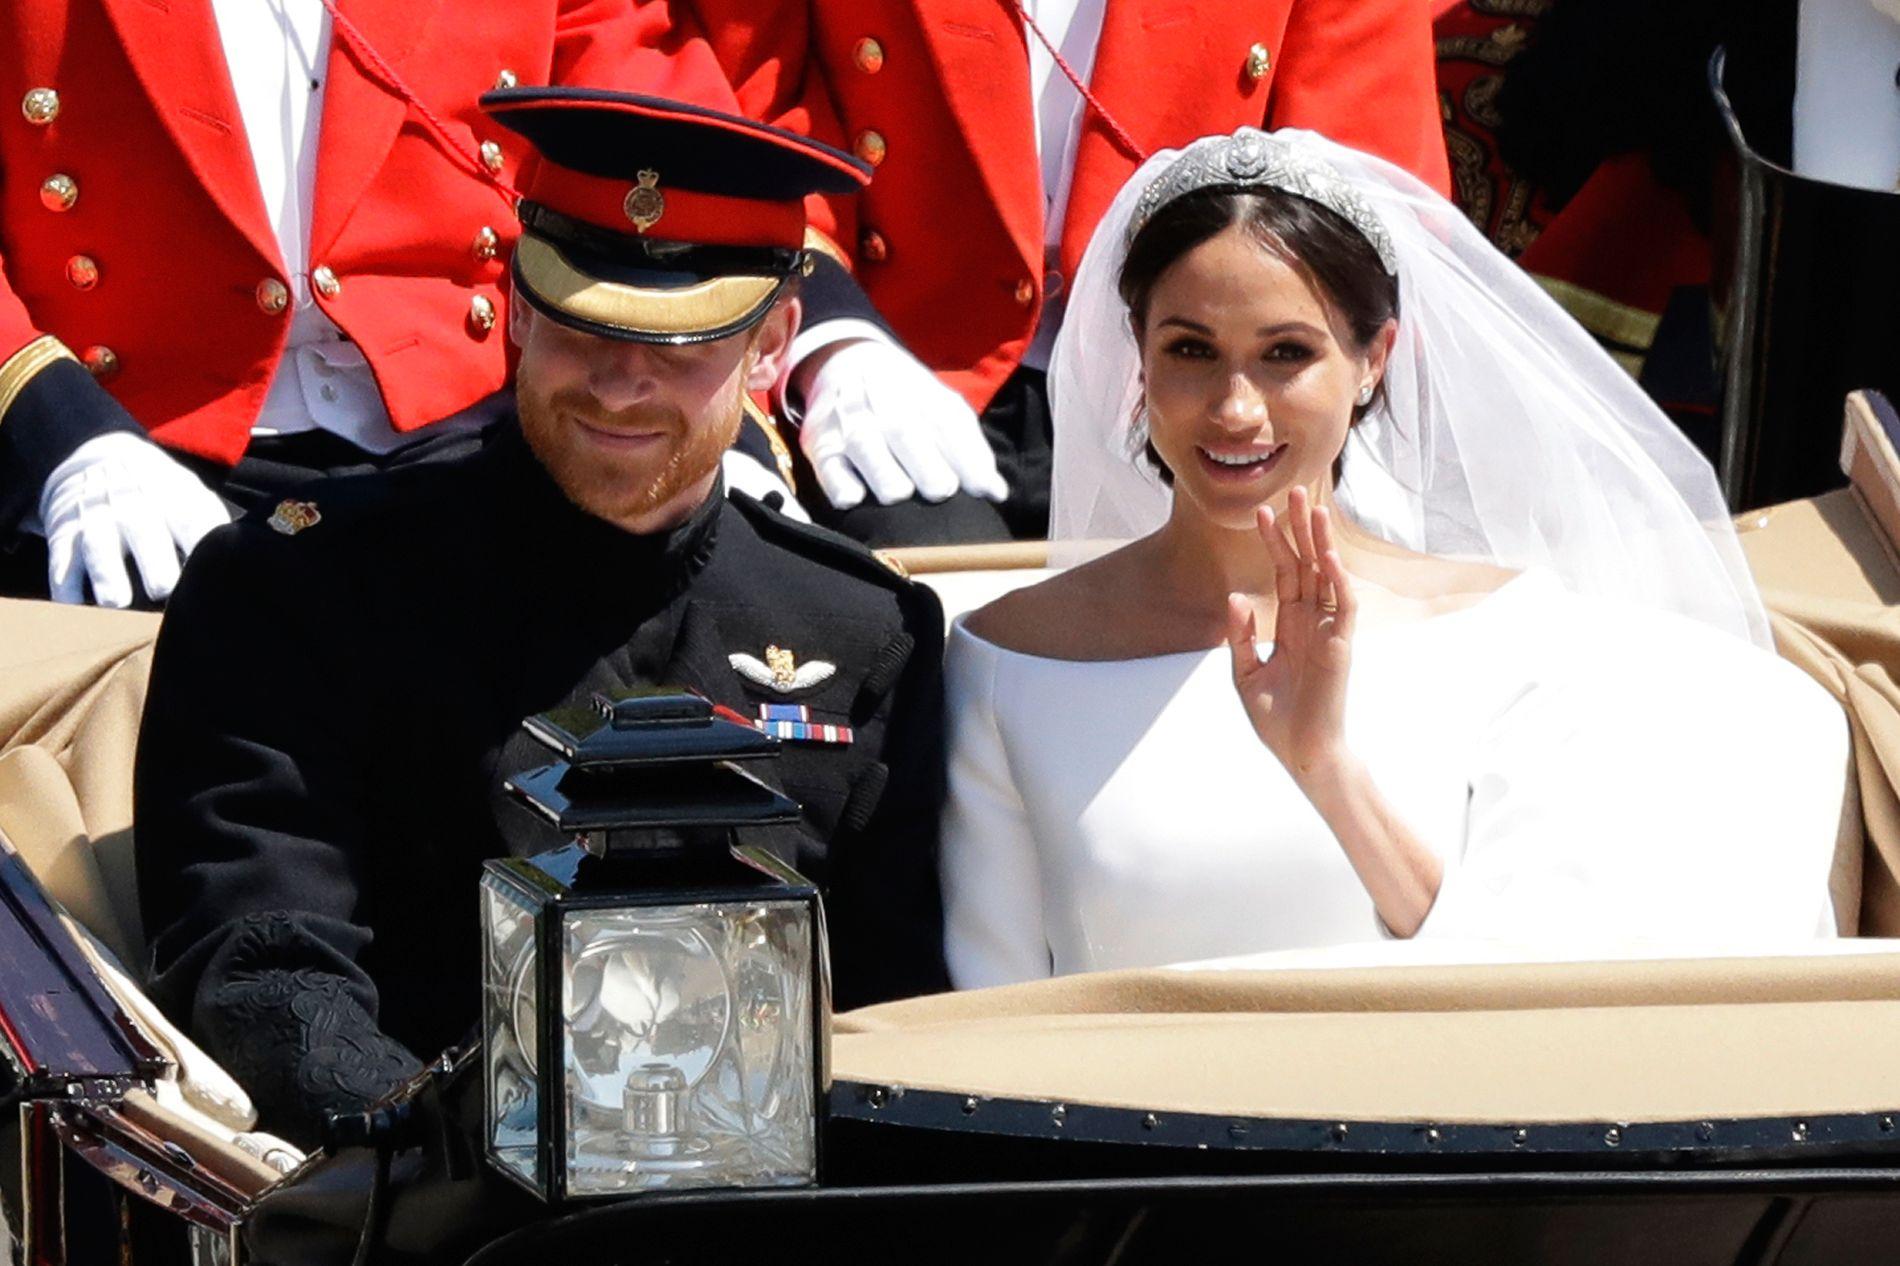 GODT GIFT: Den 19. mai i fjor giftet Meghan Markle seg med prins Harry. Som ektepar har de blitt hertugen og hertuginnen av Sussex.